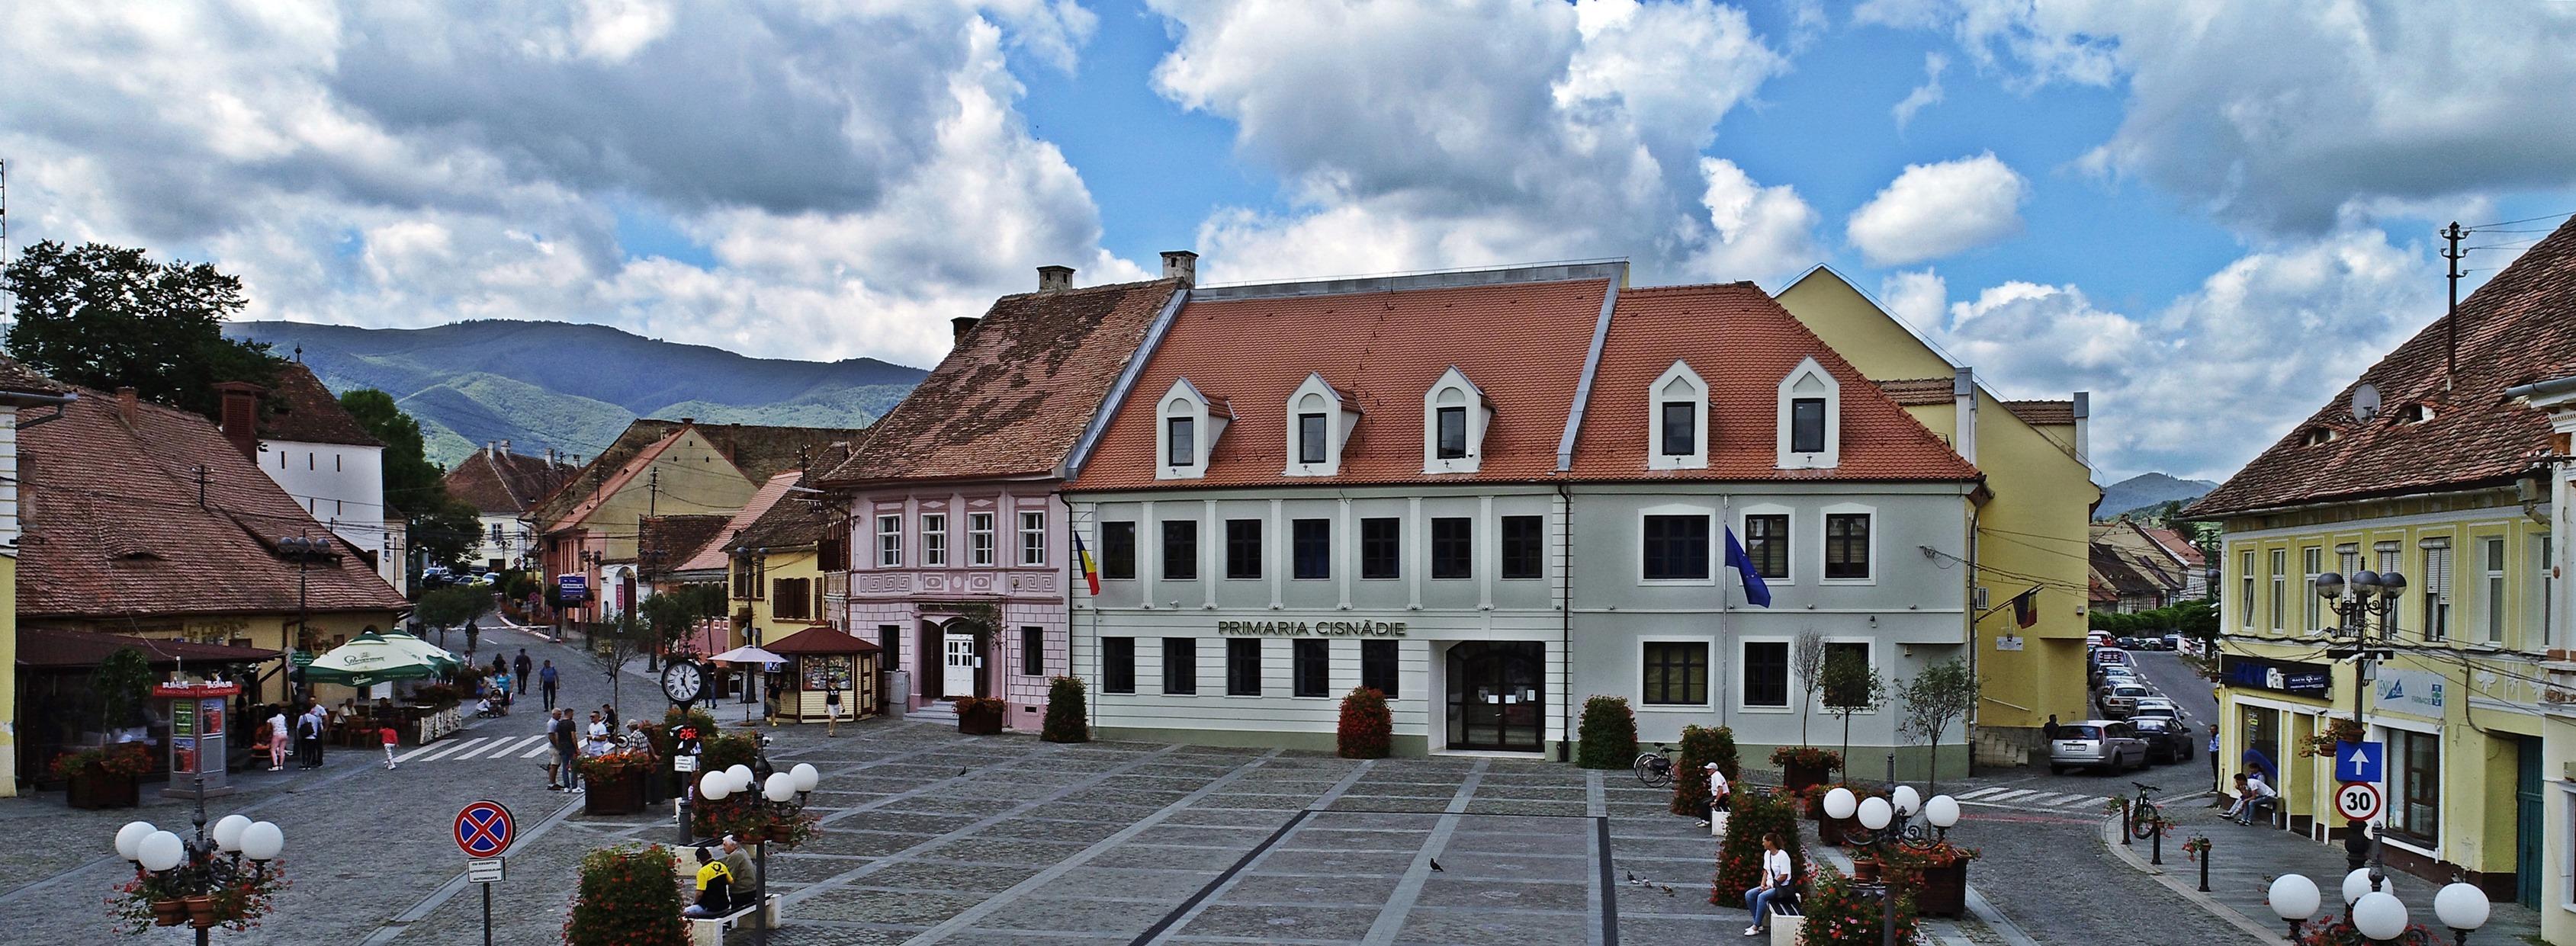 Primăria Cisnădie: Terenuri pentru construirea de locuințe, destinate tinerilor cu vârsta până în 35 de ani